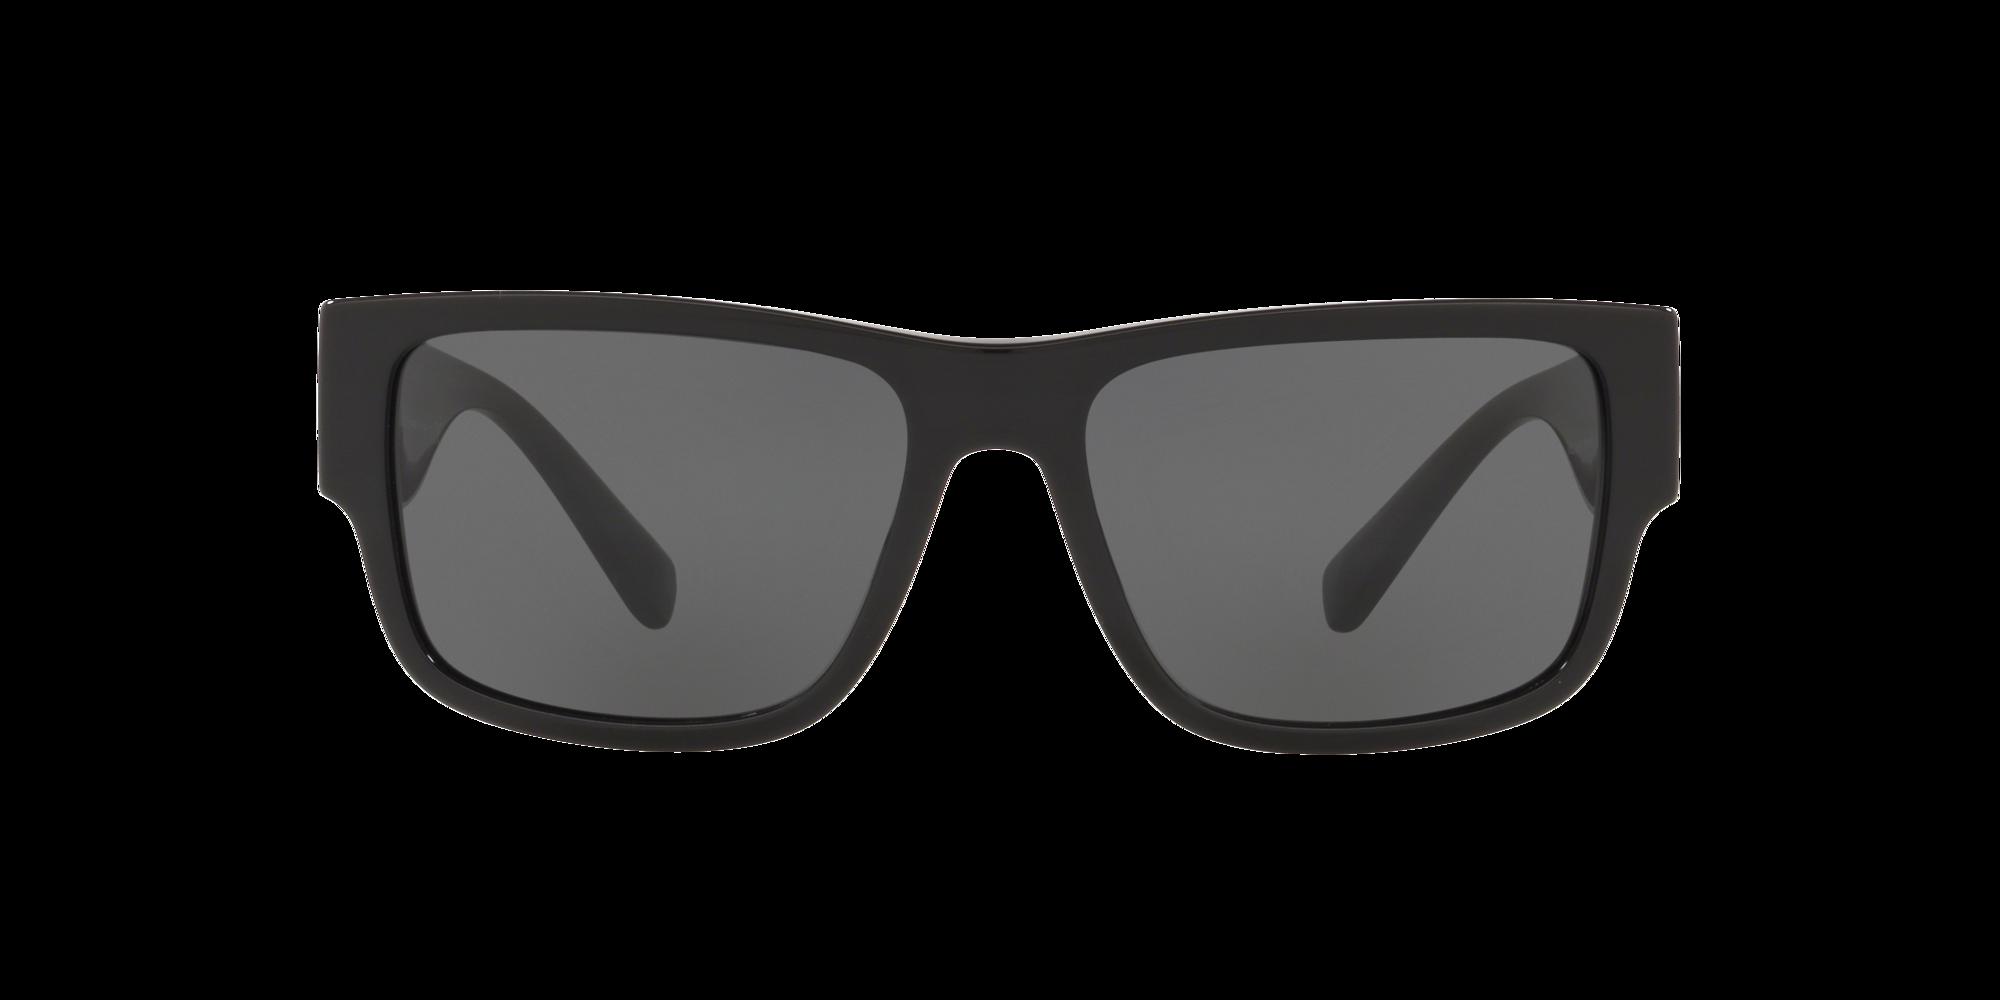 Imagen para VE4369 58 de LensCrafters |  Espejuelos, espejuelos graduados en línea, gafas